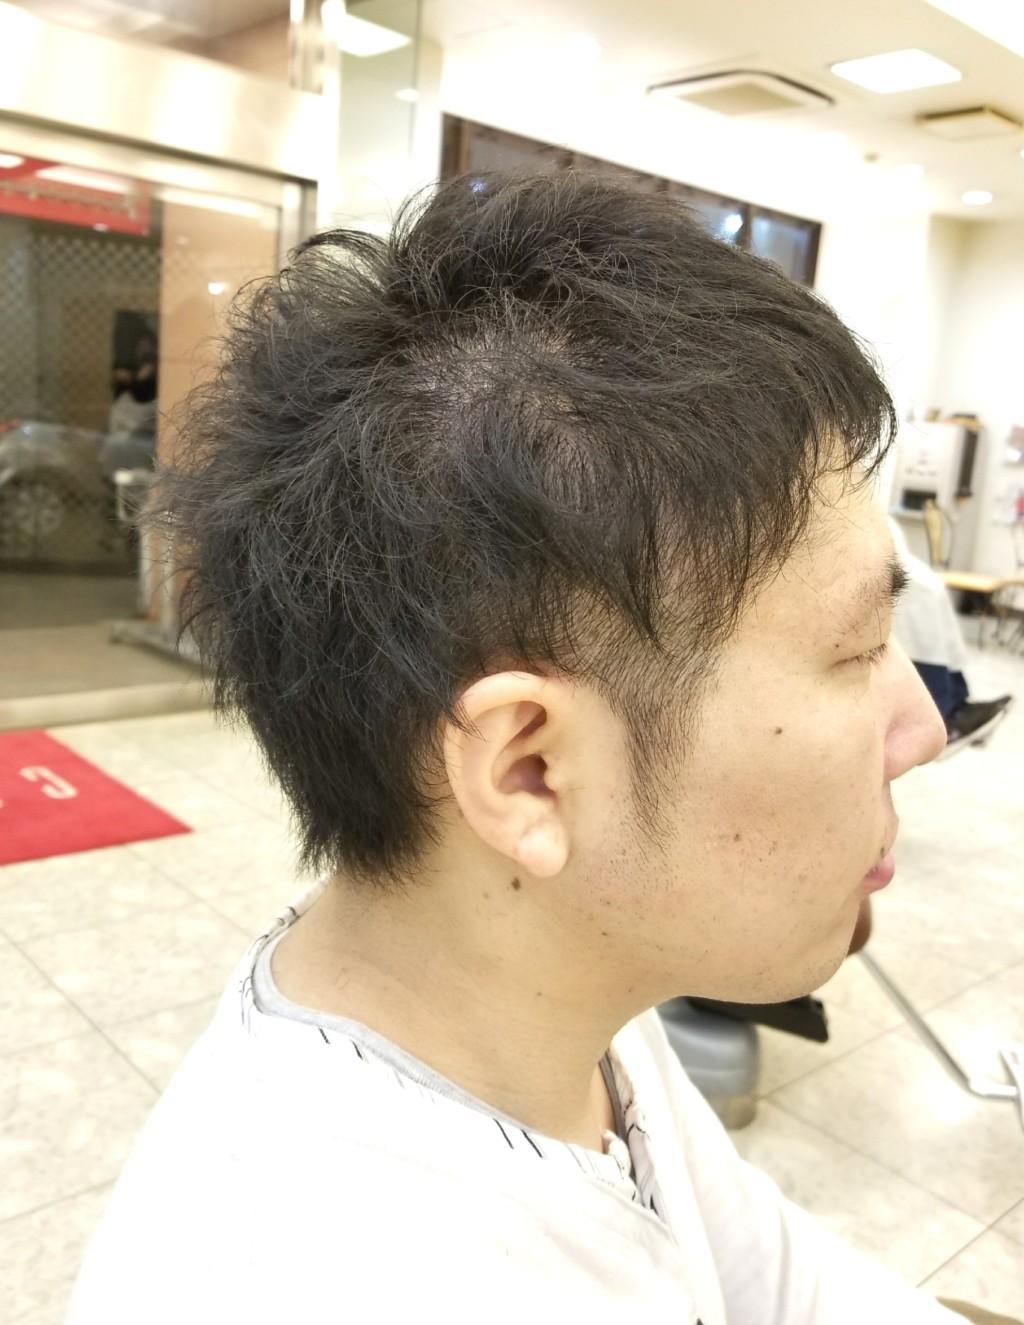 クセでボリューム出やすい髪質でも、ハチ張りカバーとツーブロックでカッコよく!!